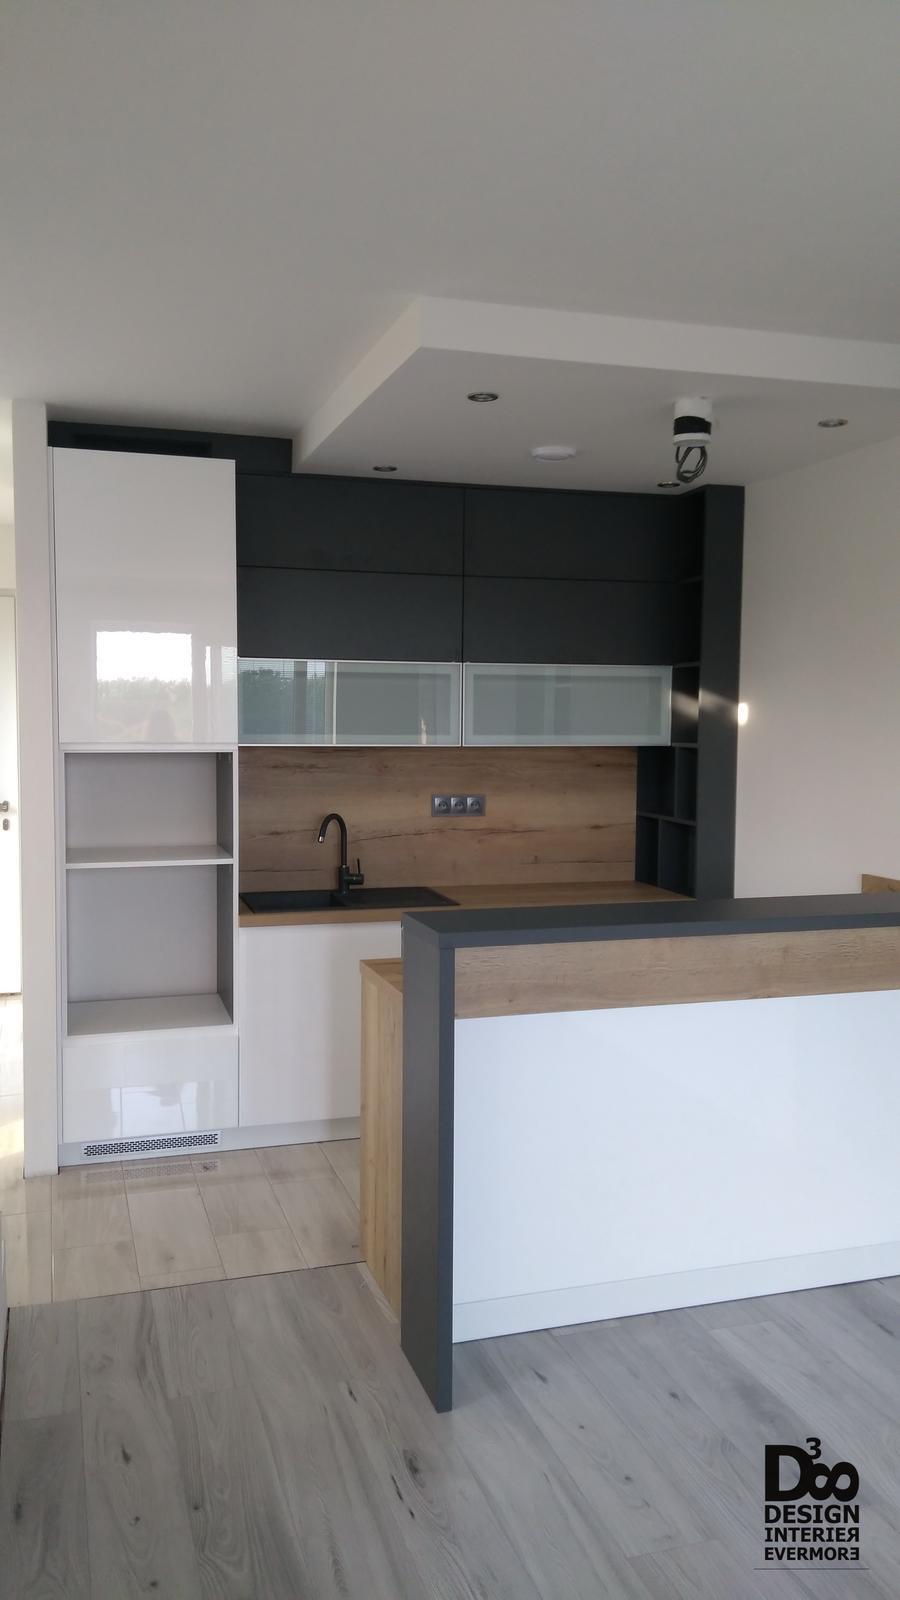 Kuchyňa - Močenok 2018 - Obrázok č. 2